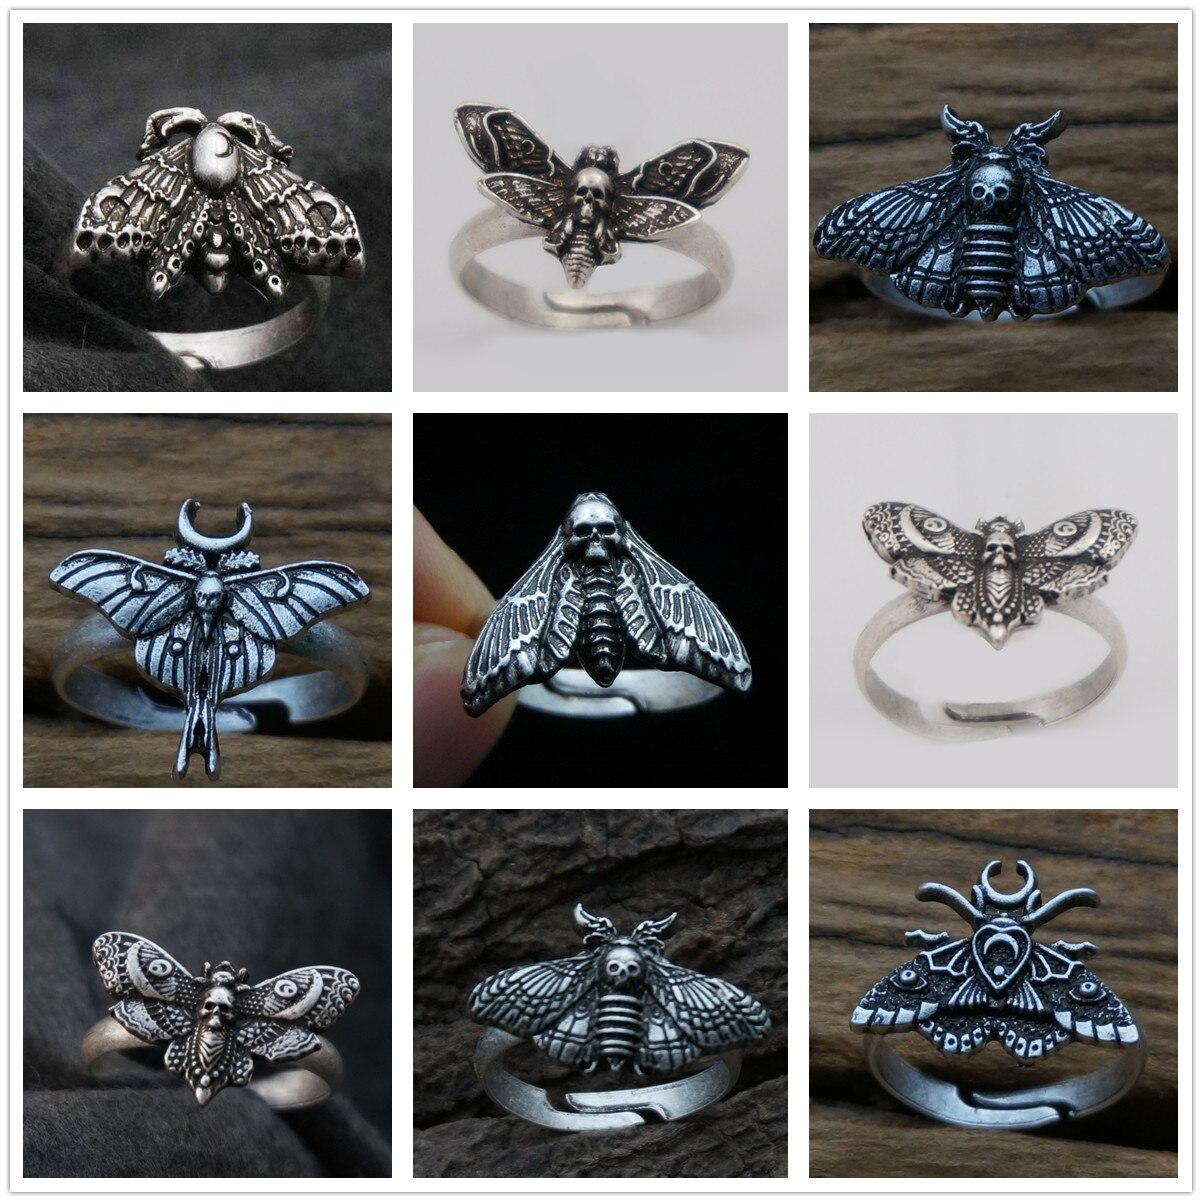 Смерть моли, Необычные материалов кольцо ювелирные изделия насекомые кулон череп Мертвая голова бабочка Рождественский подарок